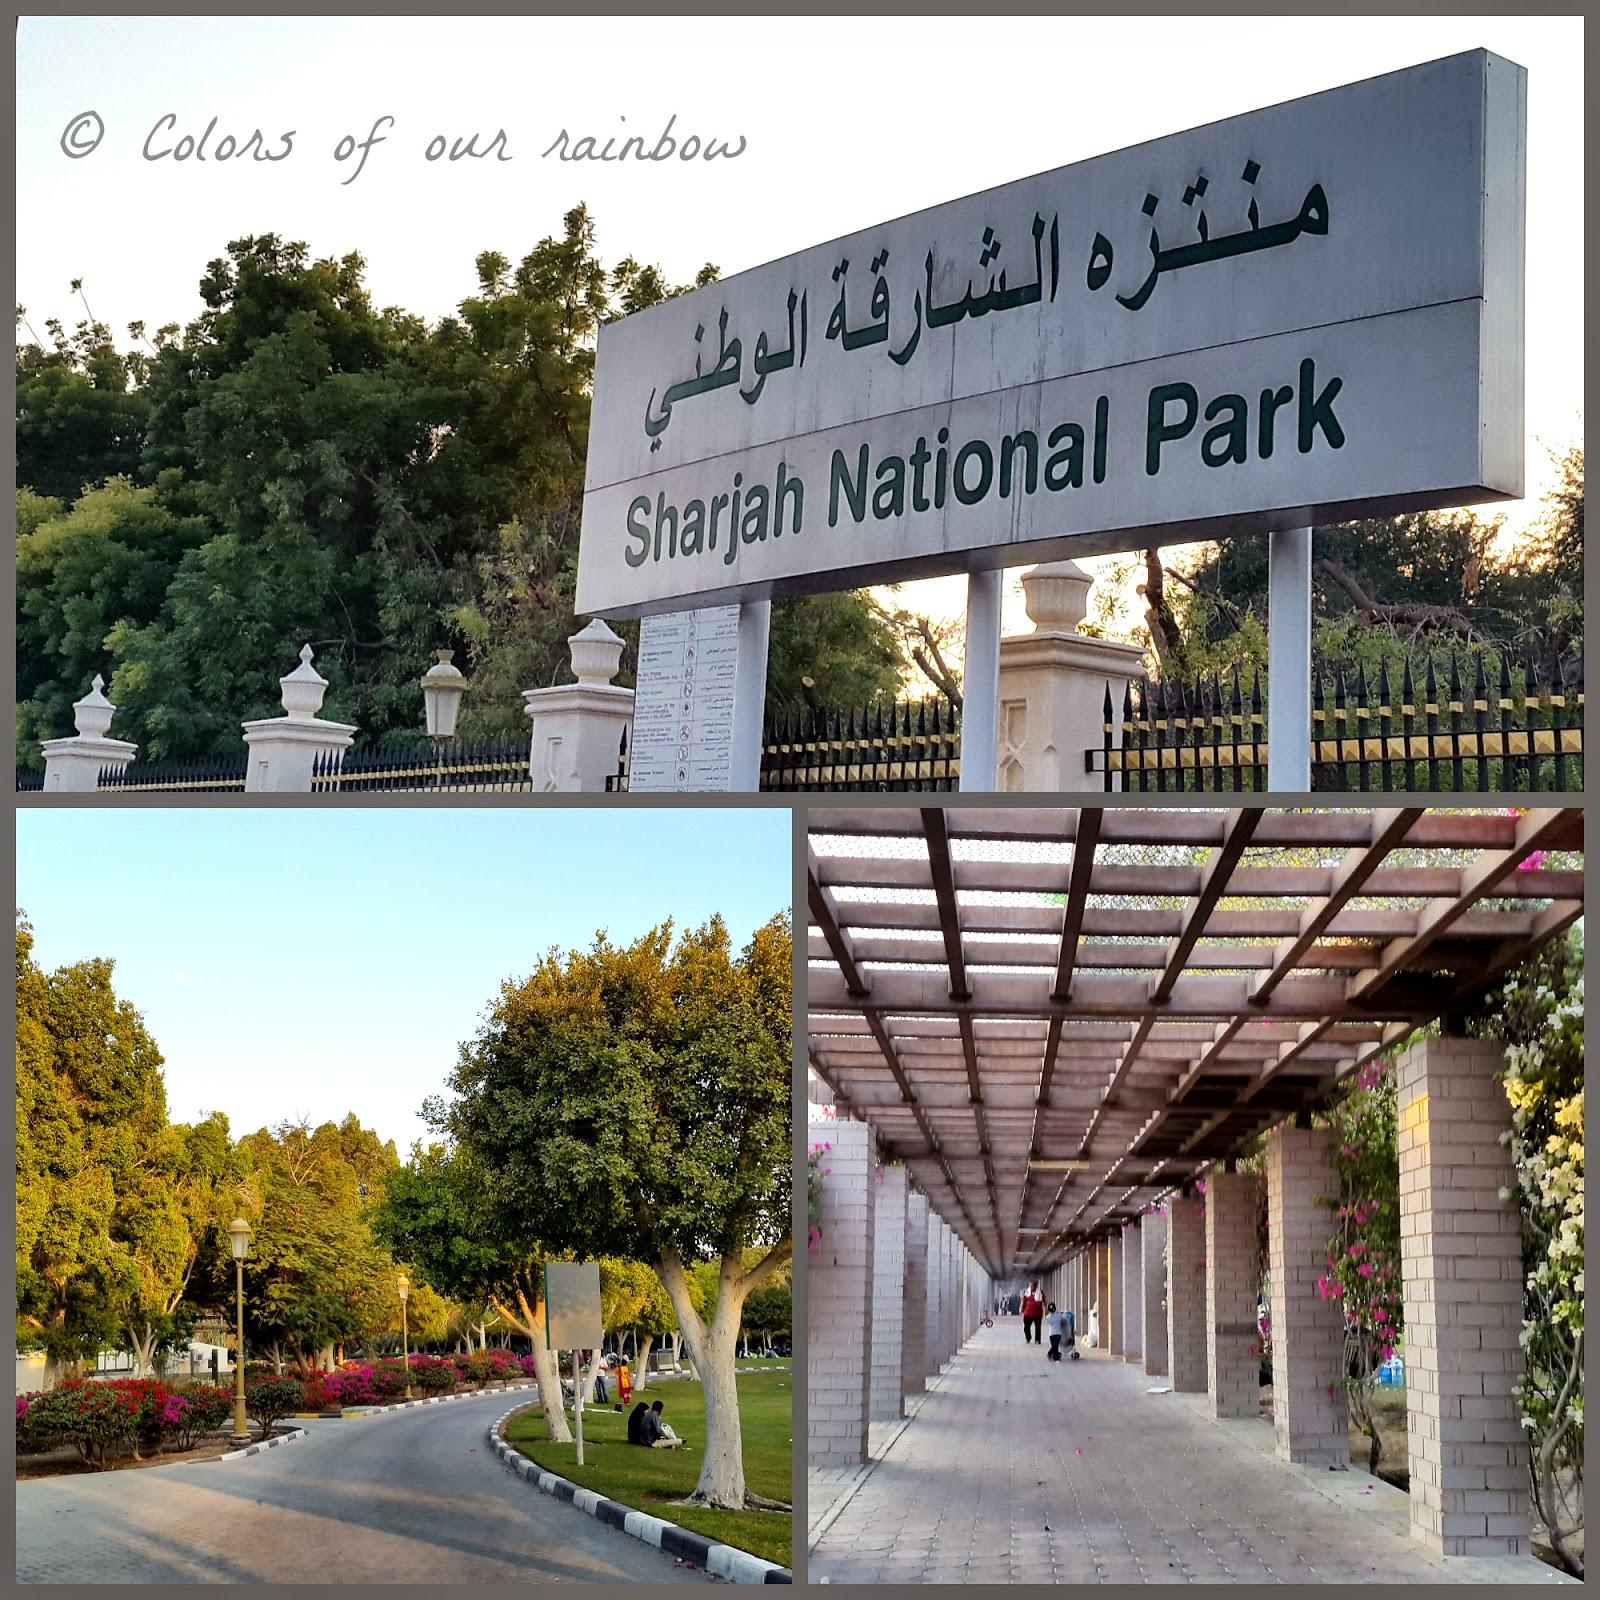 Sharjah National Park